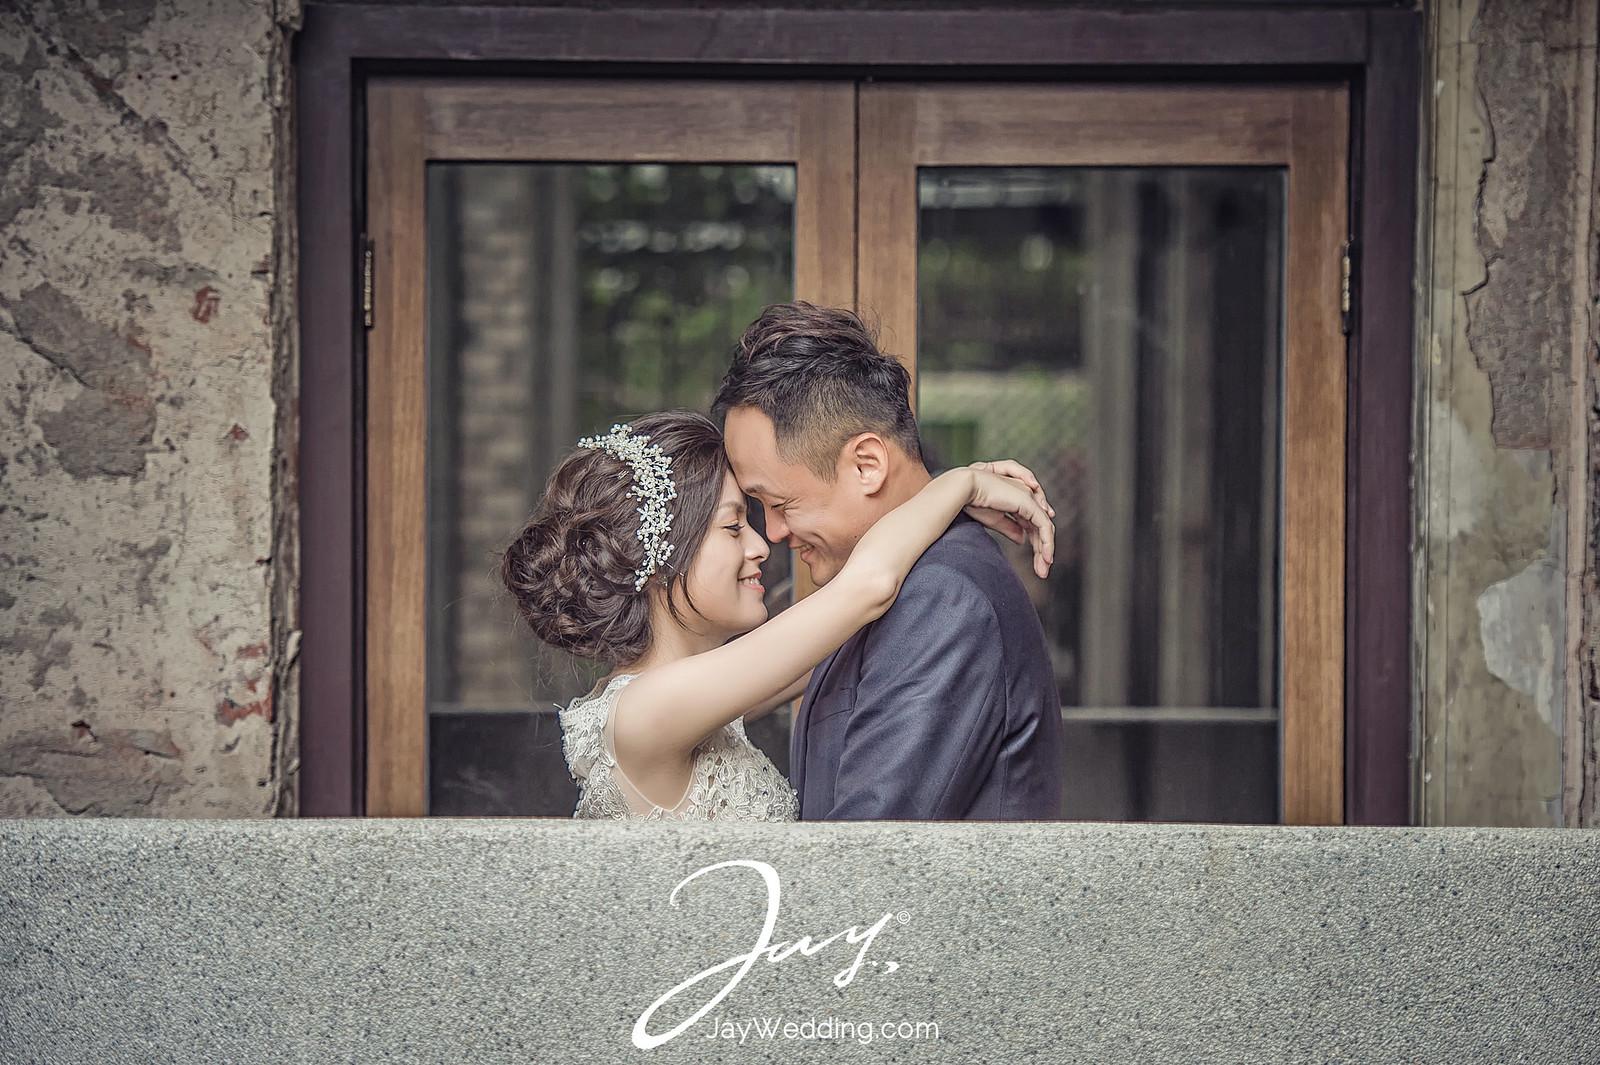 婚紗,婚攝,京都,大阪,食尚曼谷,海外婚紗,自助婚紗,自主婚紗,婚攝A-Jay,婚攝阿杰,jay hsieh,JAY_3678